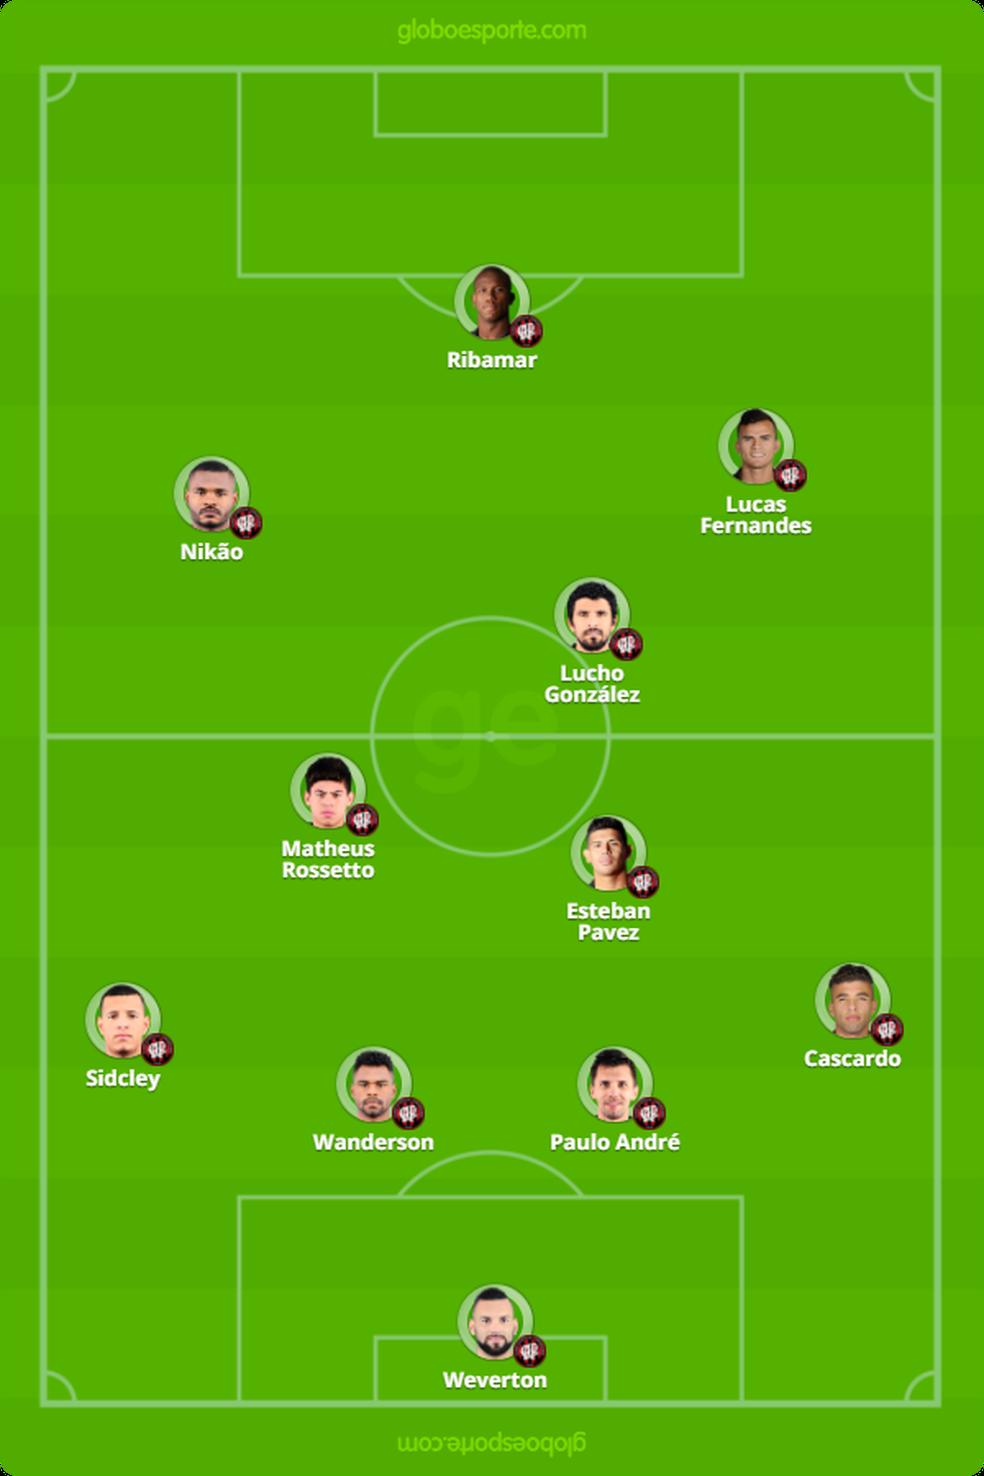 Provável escalação do Atlético-PR contra o Vasco (Foto: GloboEsporte.com)